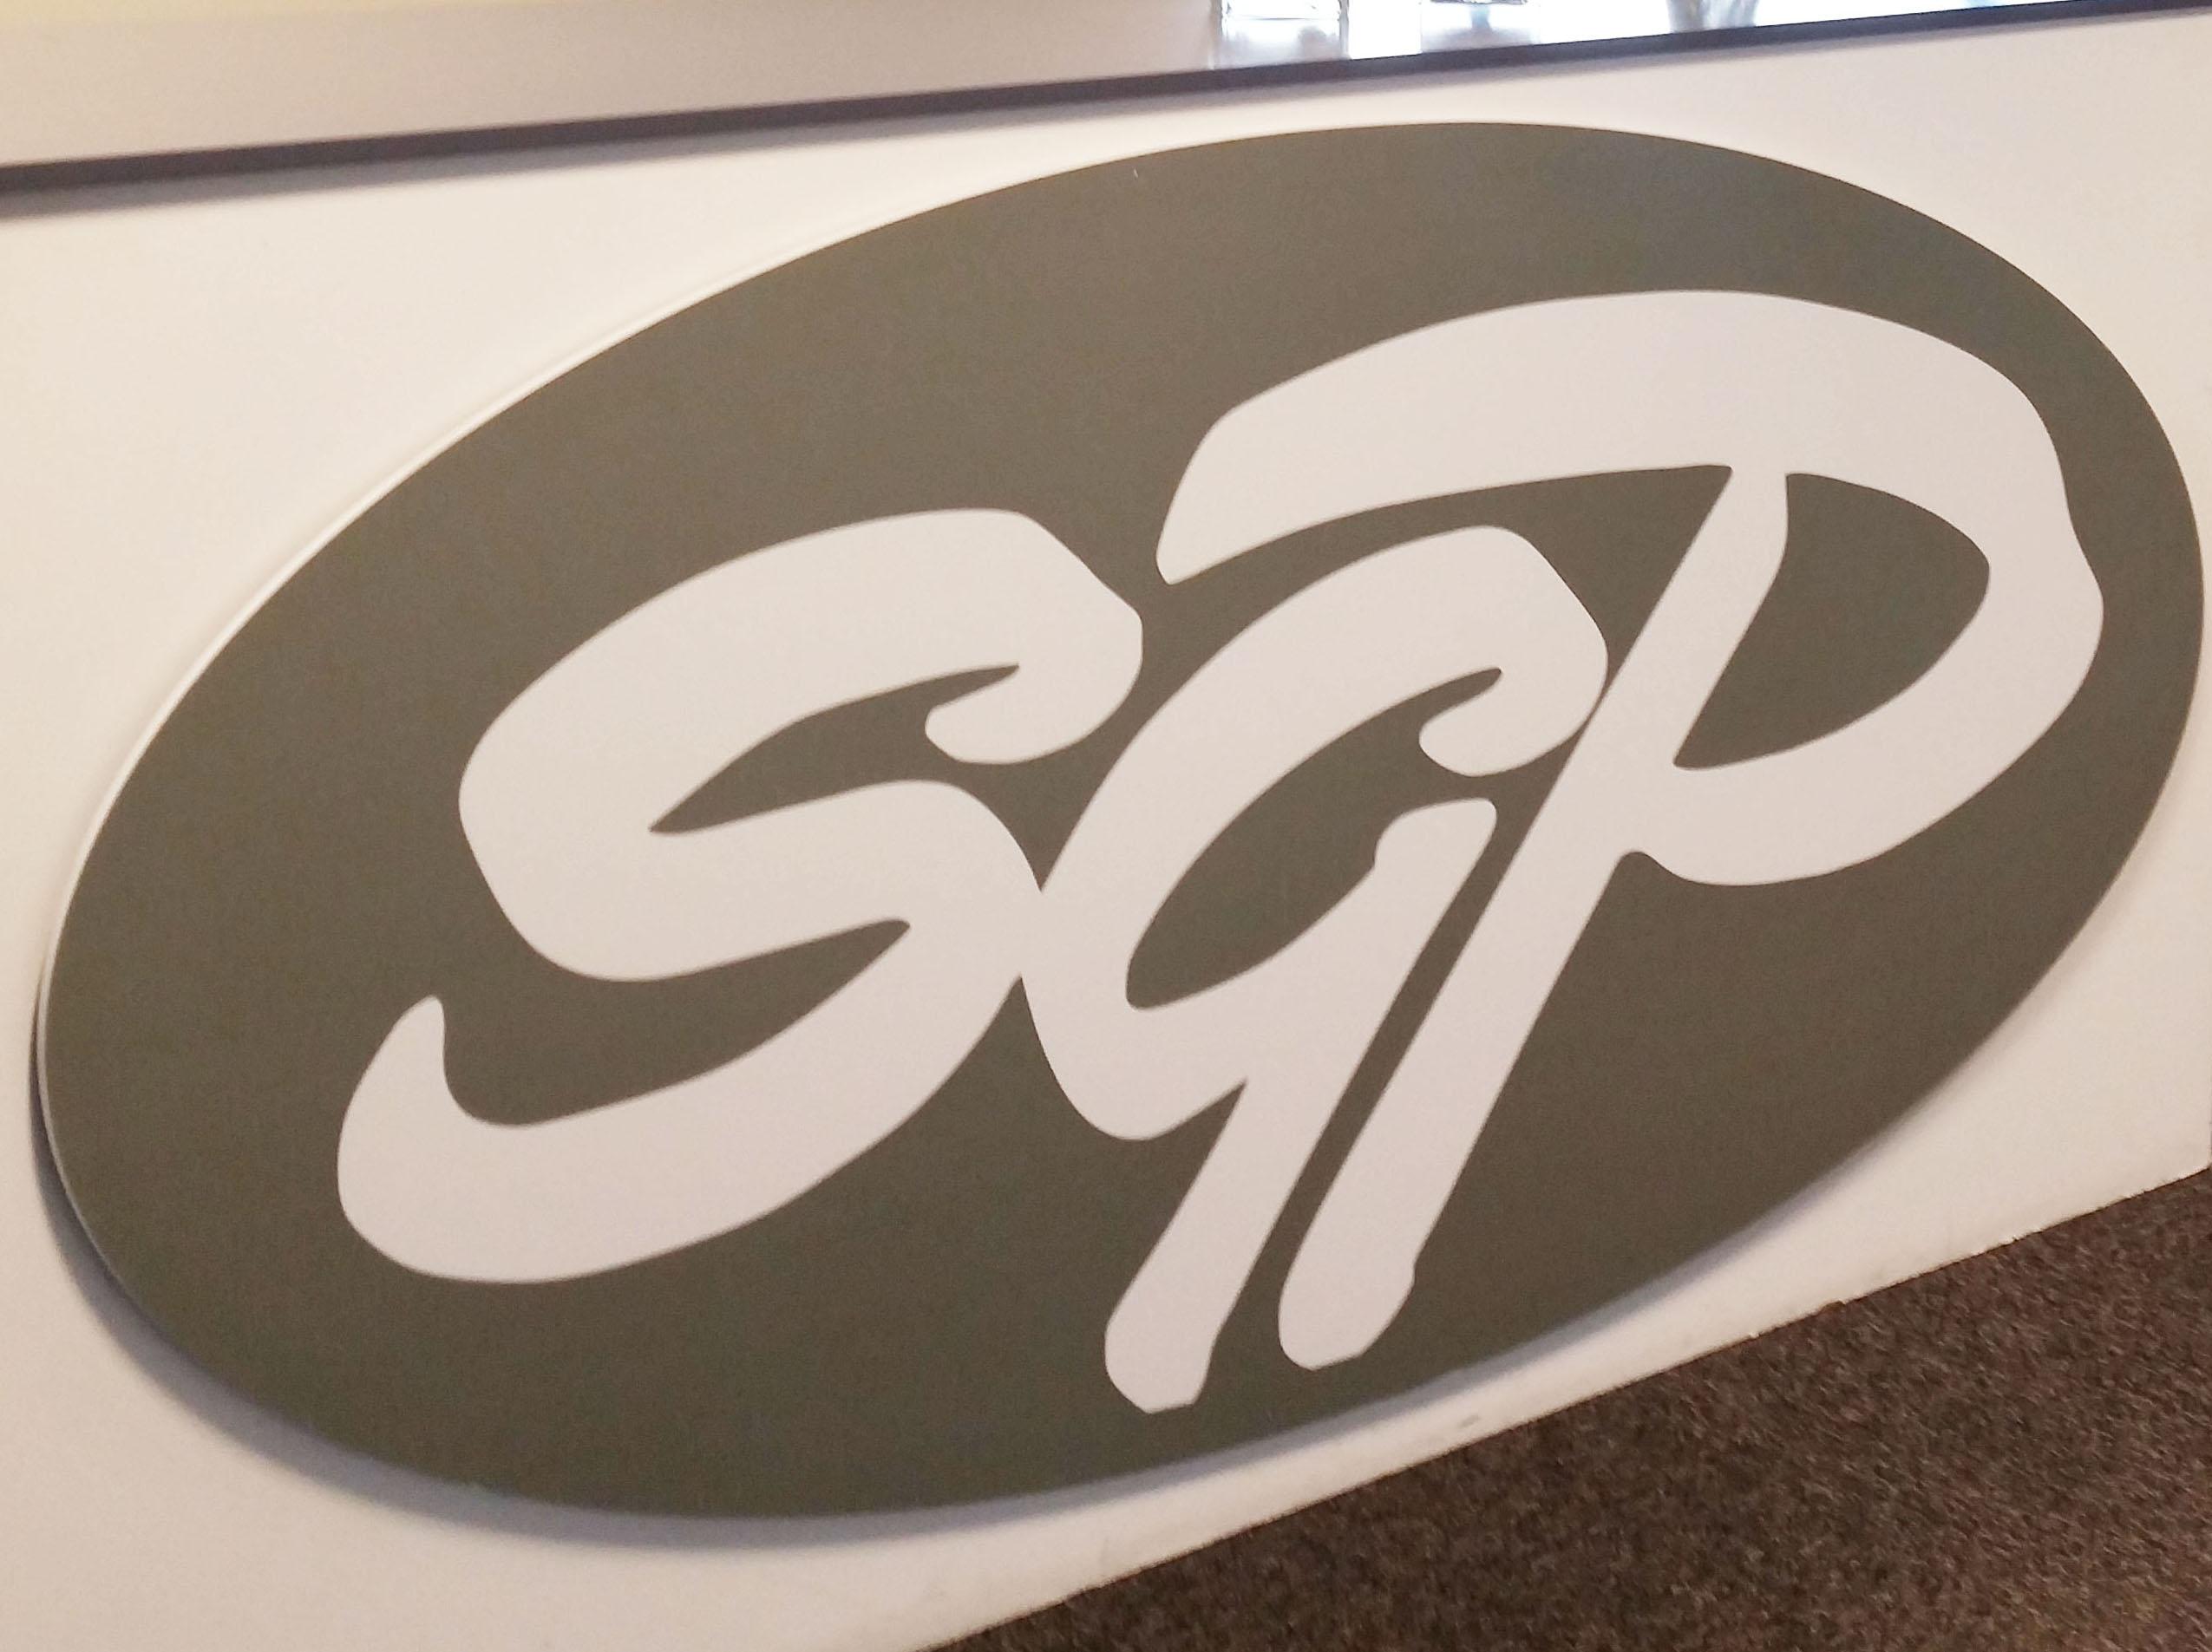 SGP Armatec AS har fått to nye ansatte